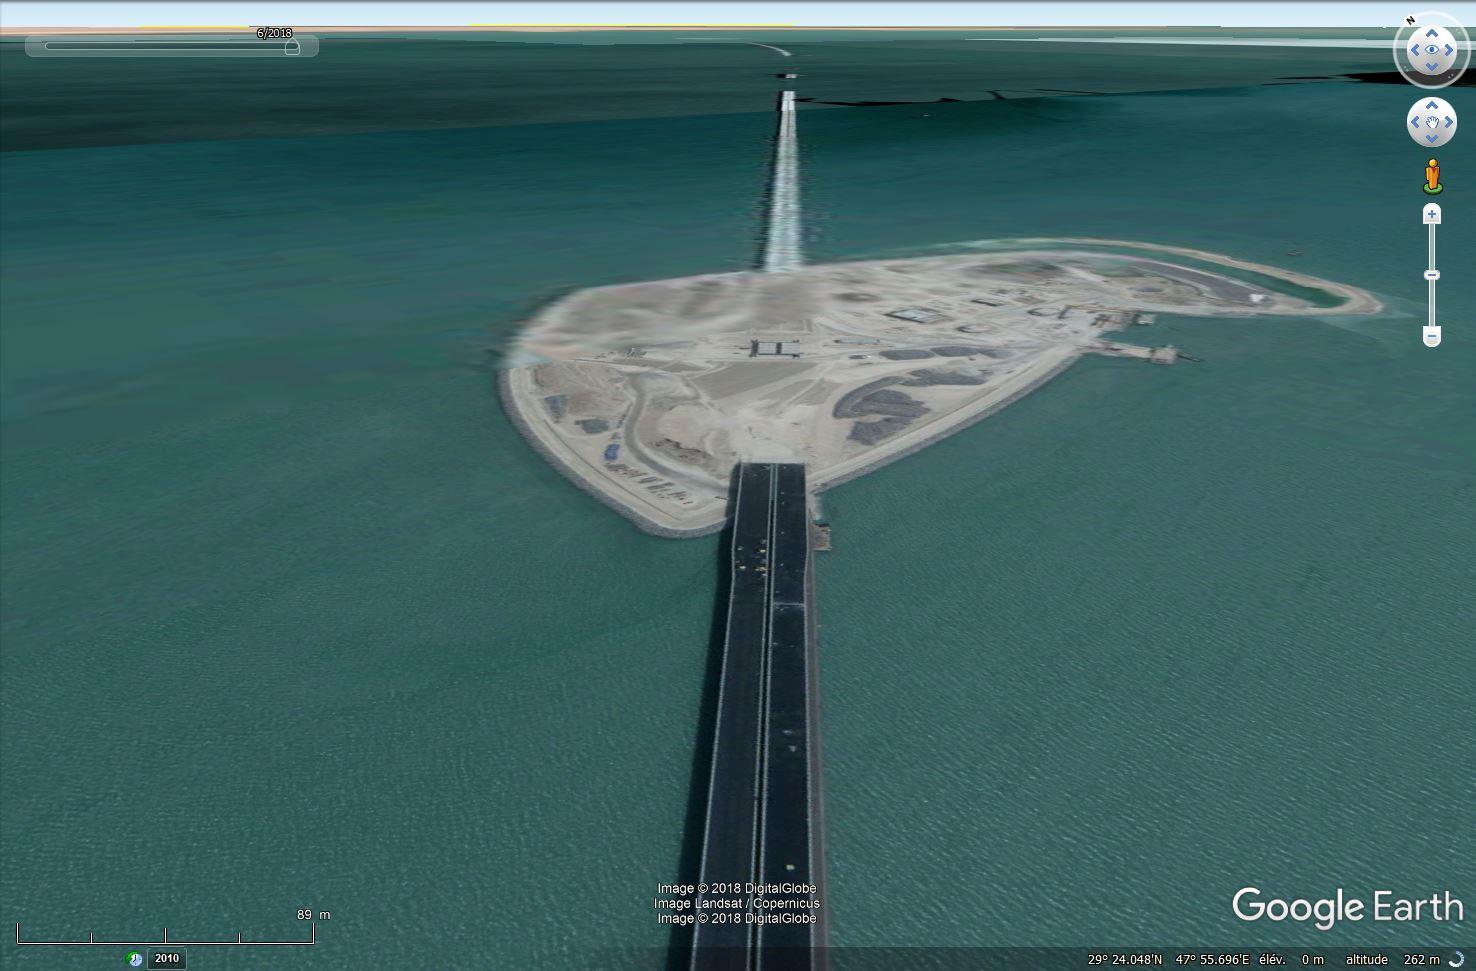 (Bientôt visible sur GE) Un pont sur la mer, de 36 km, à Koweït City. Tsge_372